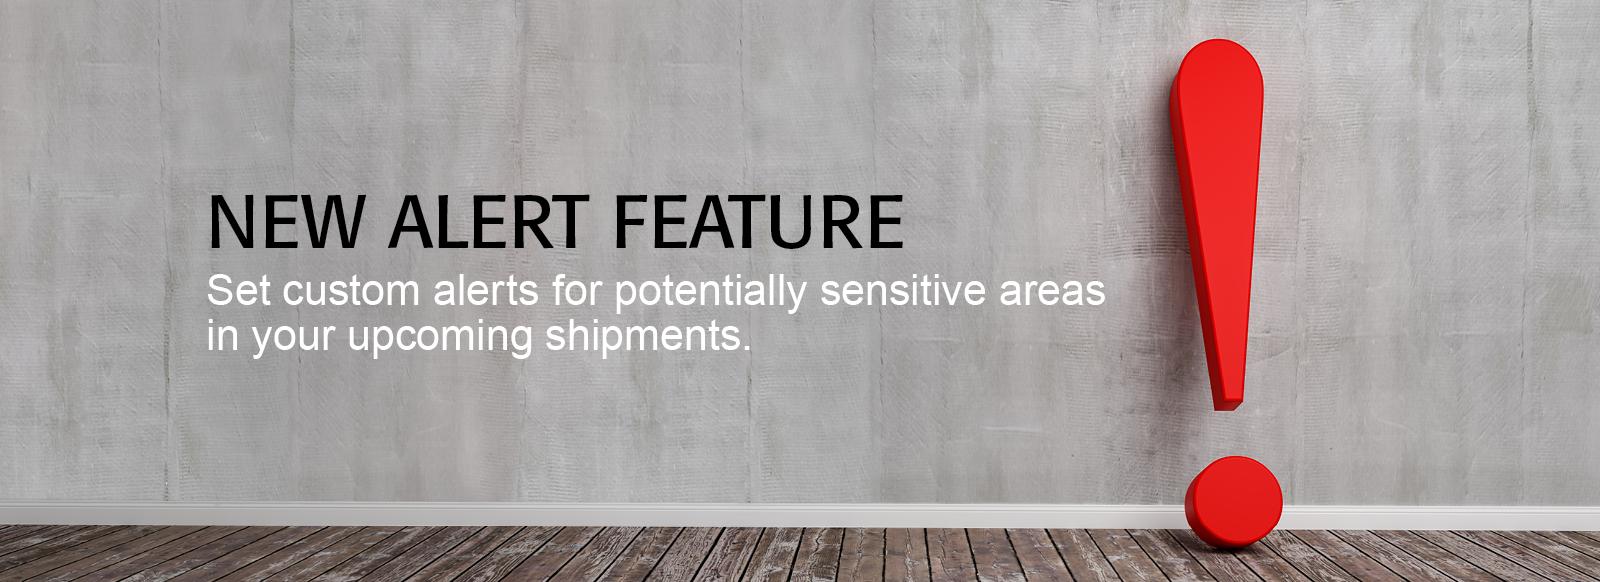 Sensitive Areas Alert Feature